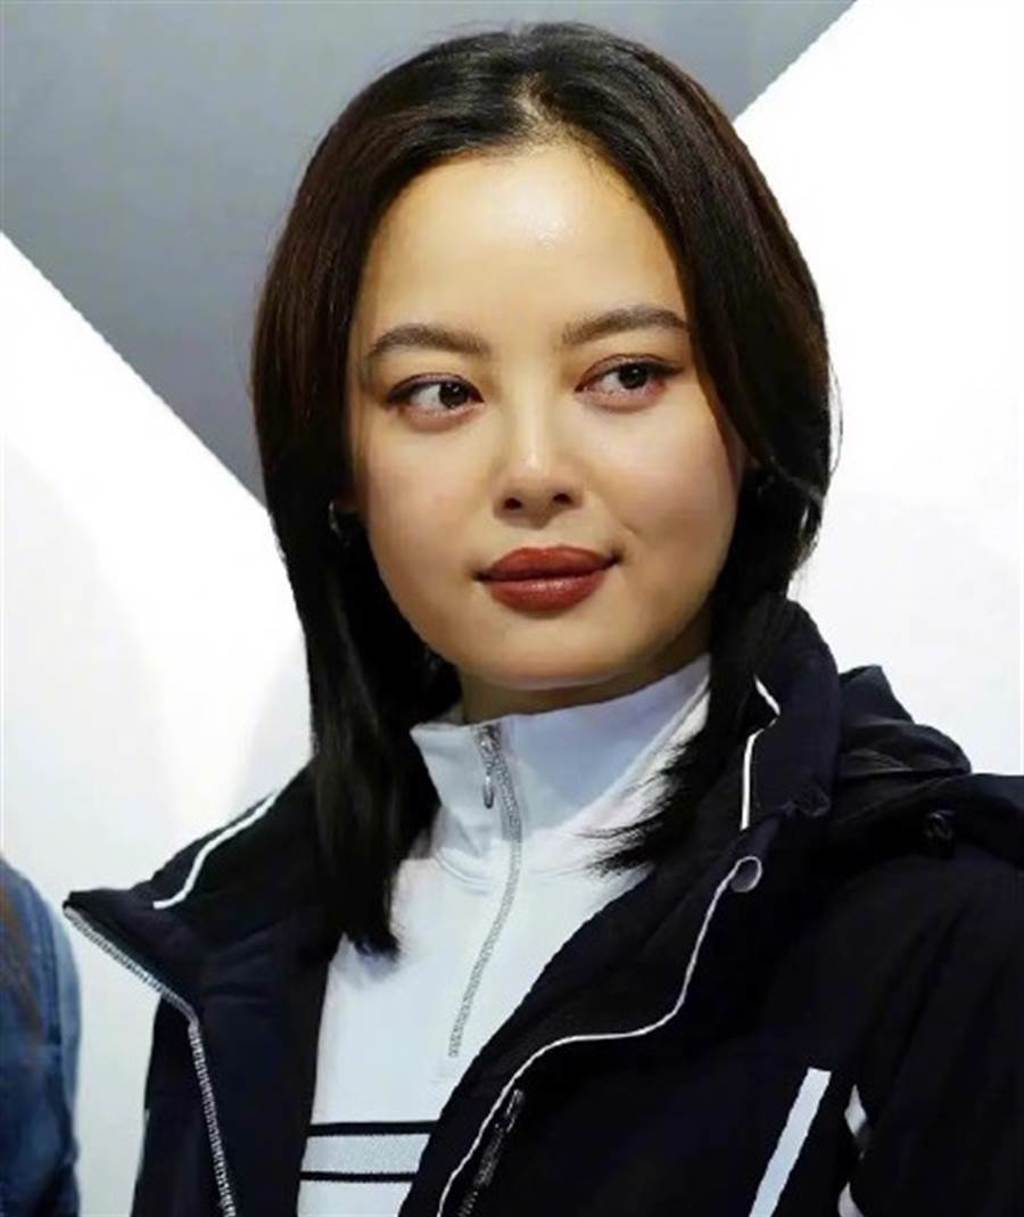 辛芷蕾近日出席活動照瘋傳。(取自微博)